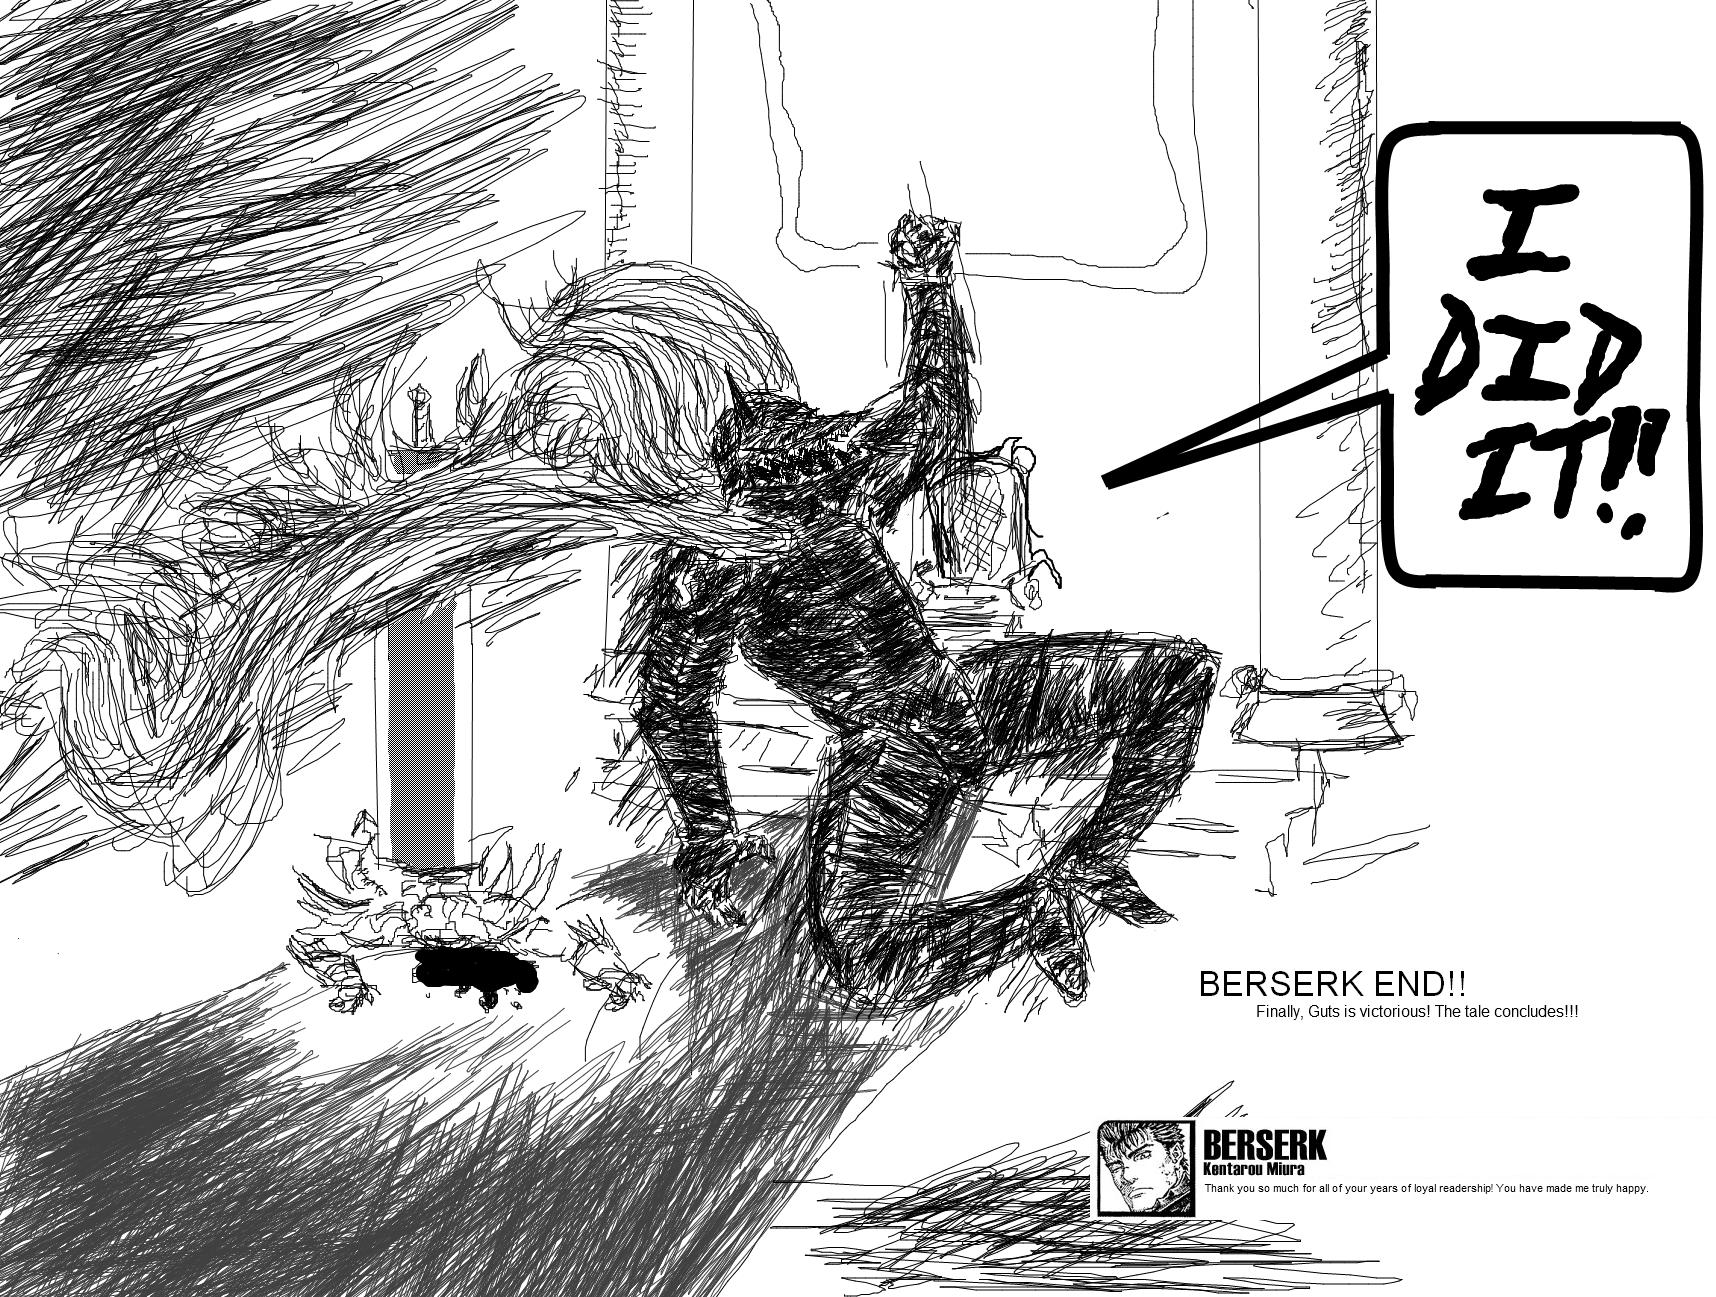 LEGIT LEAK OF BERSERK'S FINAL CHAPTER   Berserk   Know Your Meme